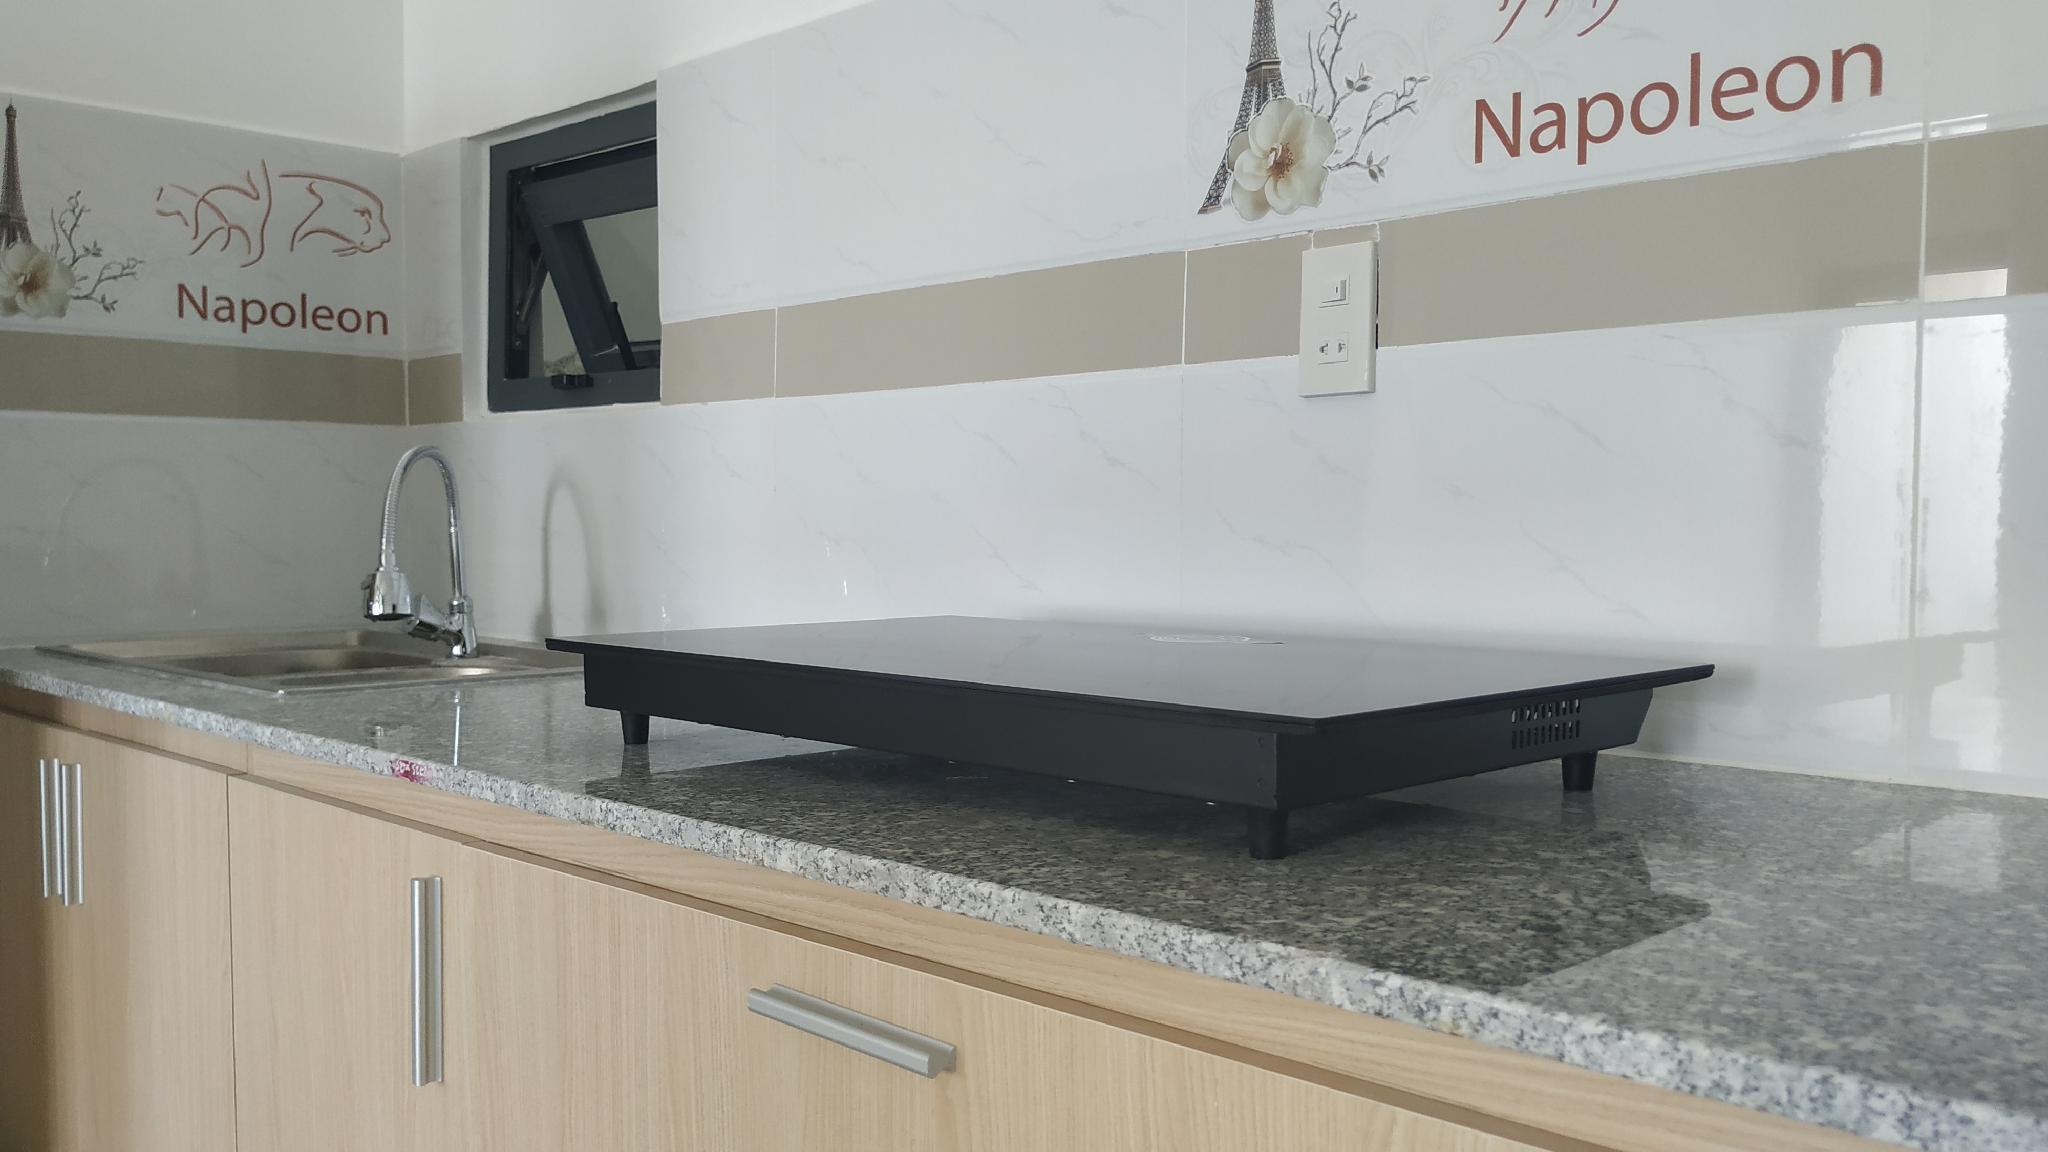 65m2 Highview BirdNest LuxurySuite 2 BRs & Kitchen